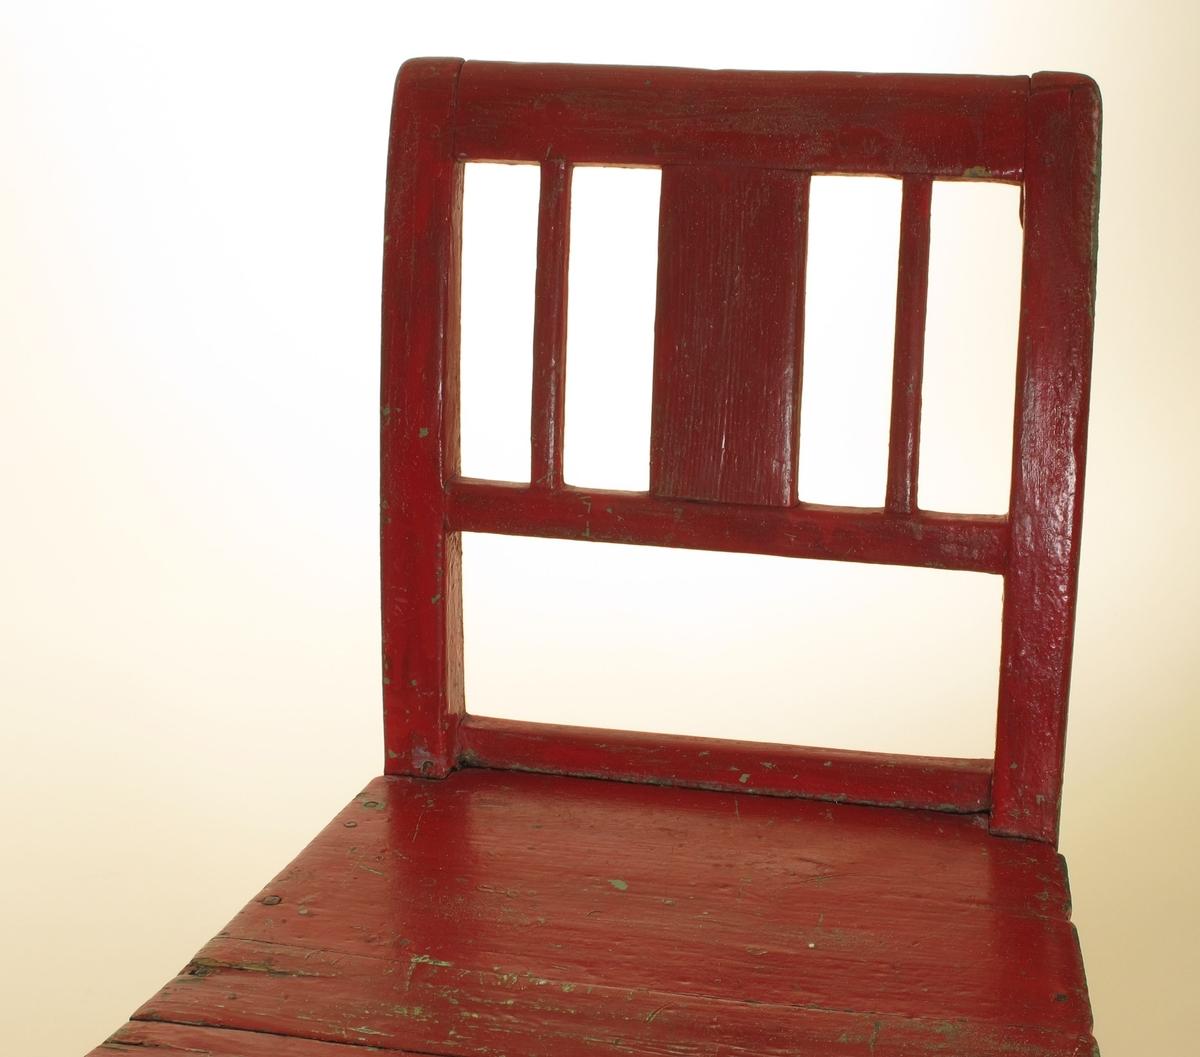 Lav stol, avskåret i benene, med et beslag over det ene bakben. Bredt sete  med utskrånenede sider og svakt rundet  forkant. Rette ben og rygg med en tverrspross og en bred midtspross og to smale sidesprosser.  Tilstand: litt løs i ryggen, stygg i overflaten. Under rødmalingen lysgrønn.